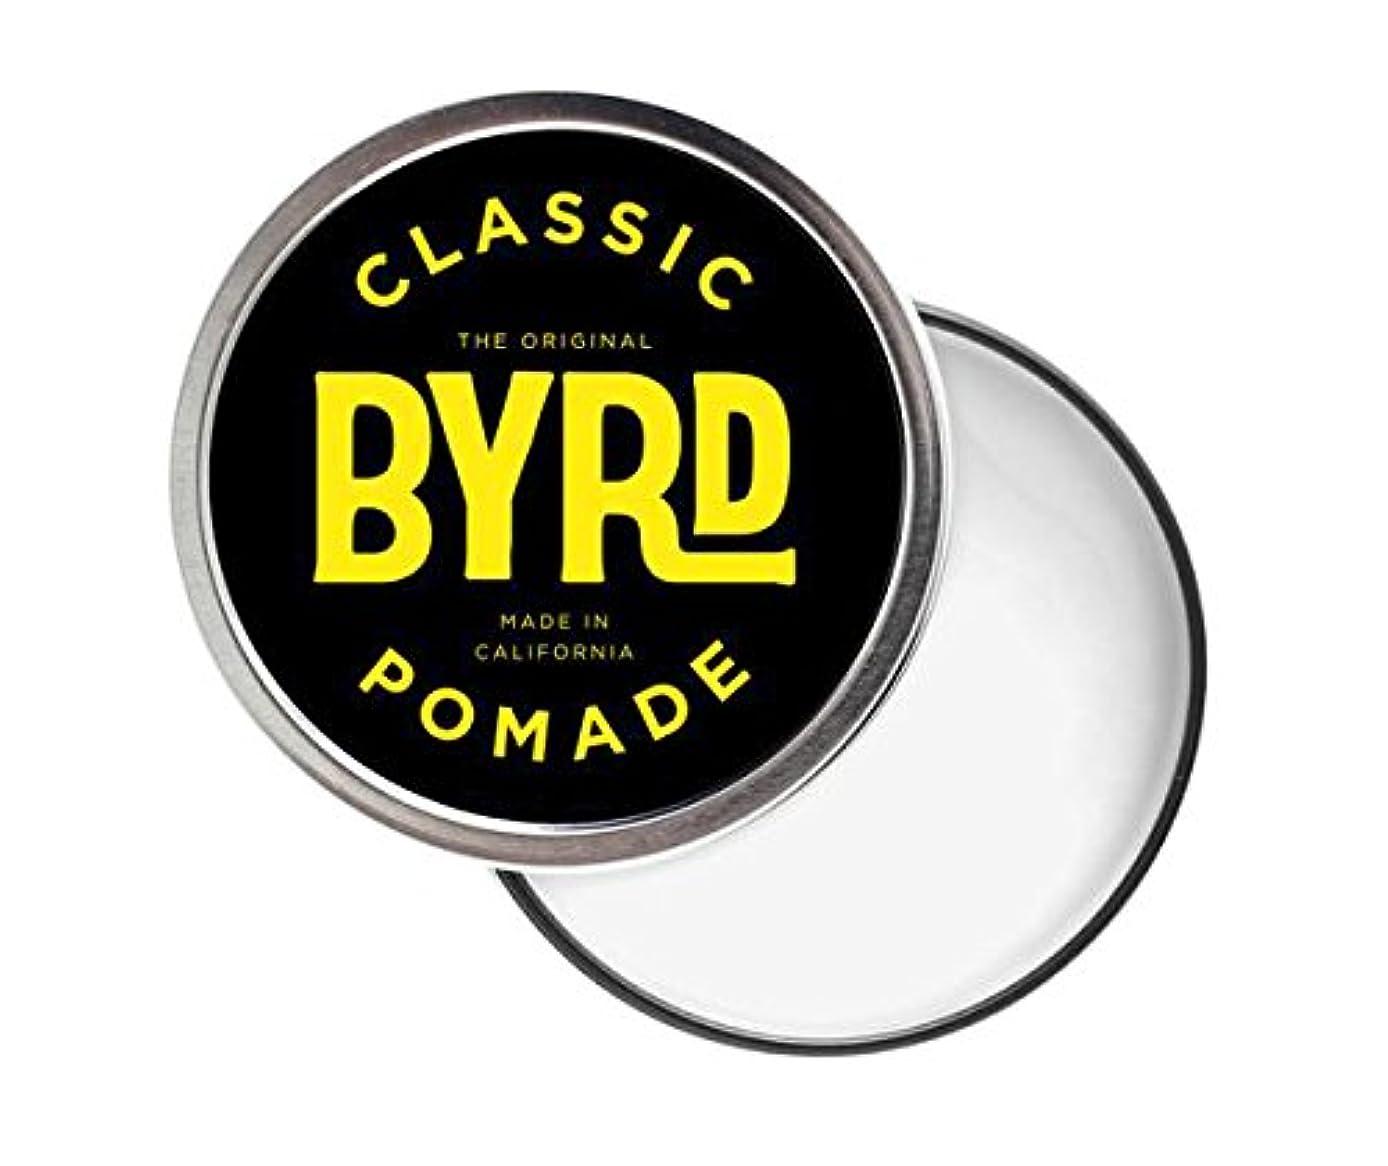 ユーモラス平野従うBYRD(バード) クラシックポマード 42g